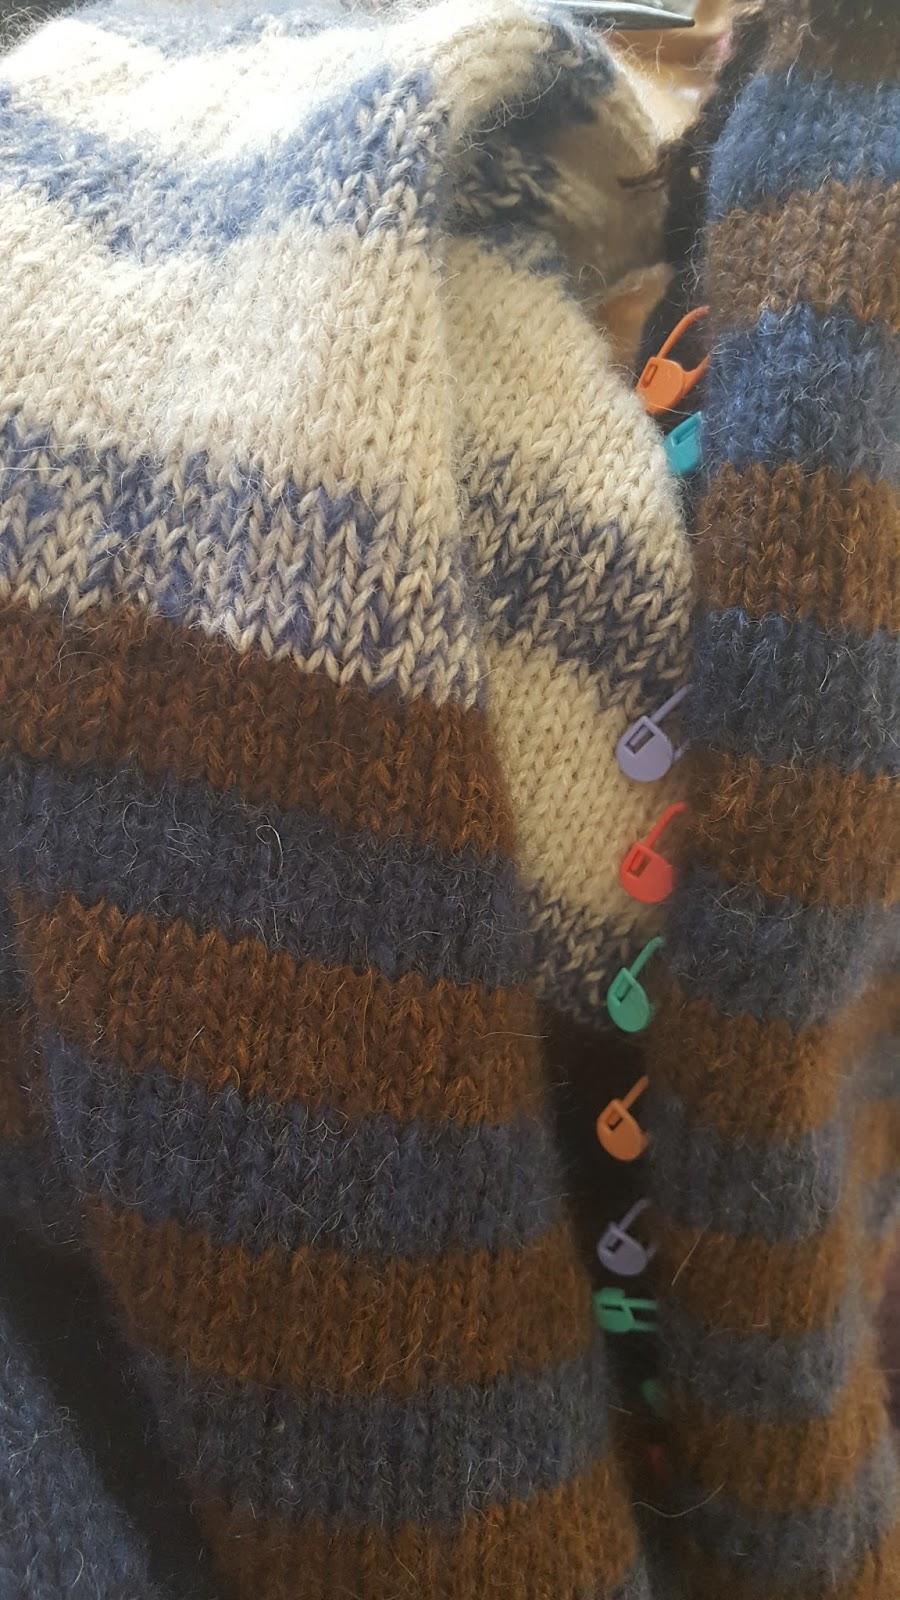 9183ffc6 Oppskrift på genseren er et Dale design, modellen har nr 355-08 og navnet  er Gemma genseren. Den er strikket i Alpakka Forte fra Dale Garn, og  Kidsilk Erle ...